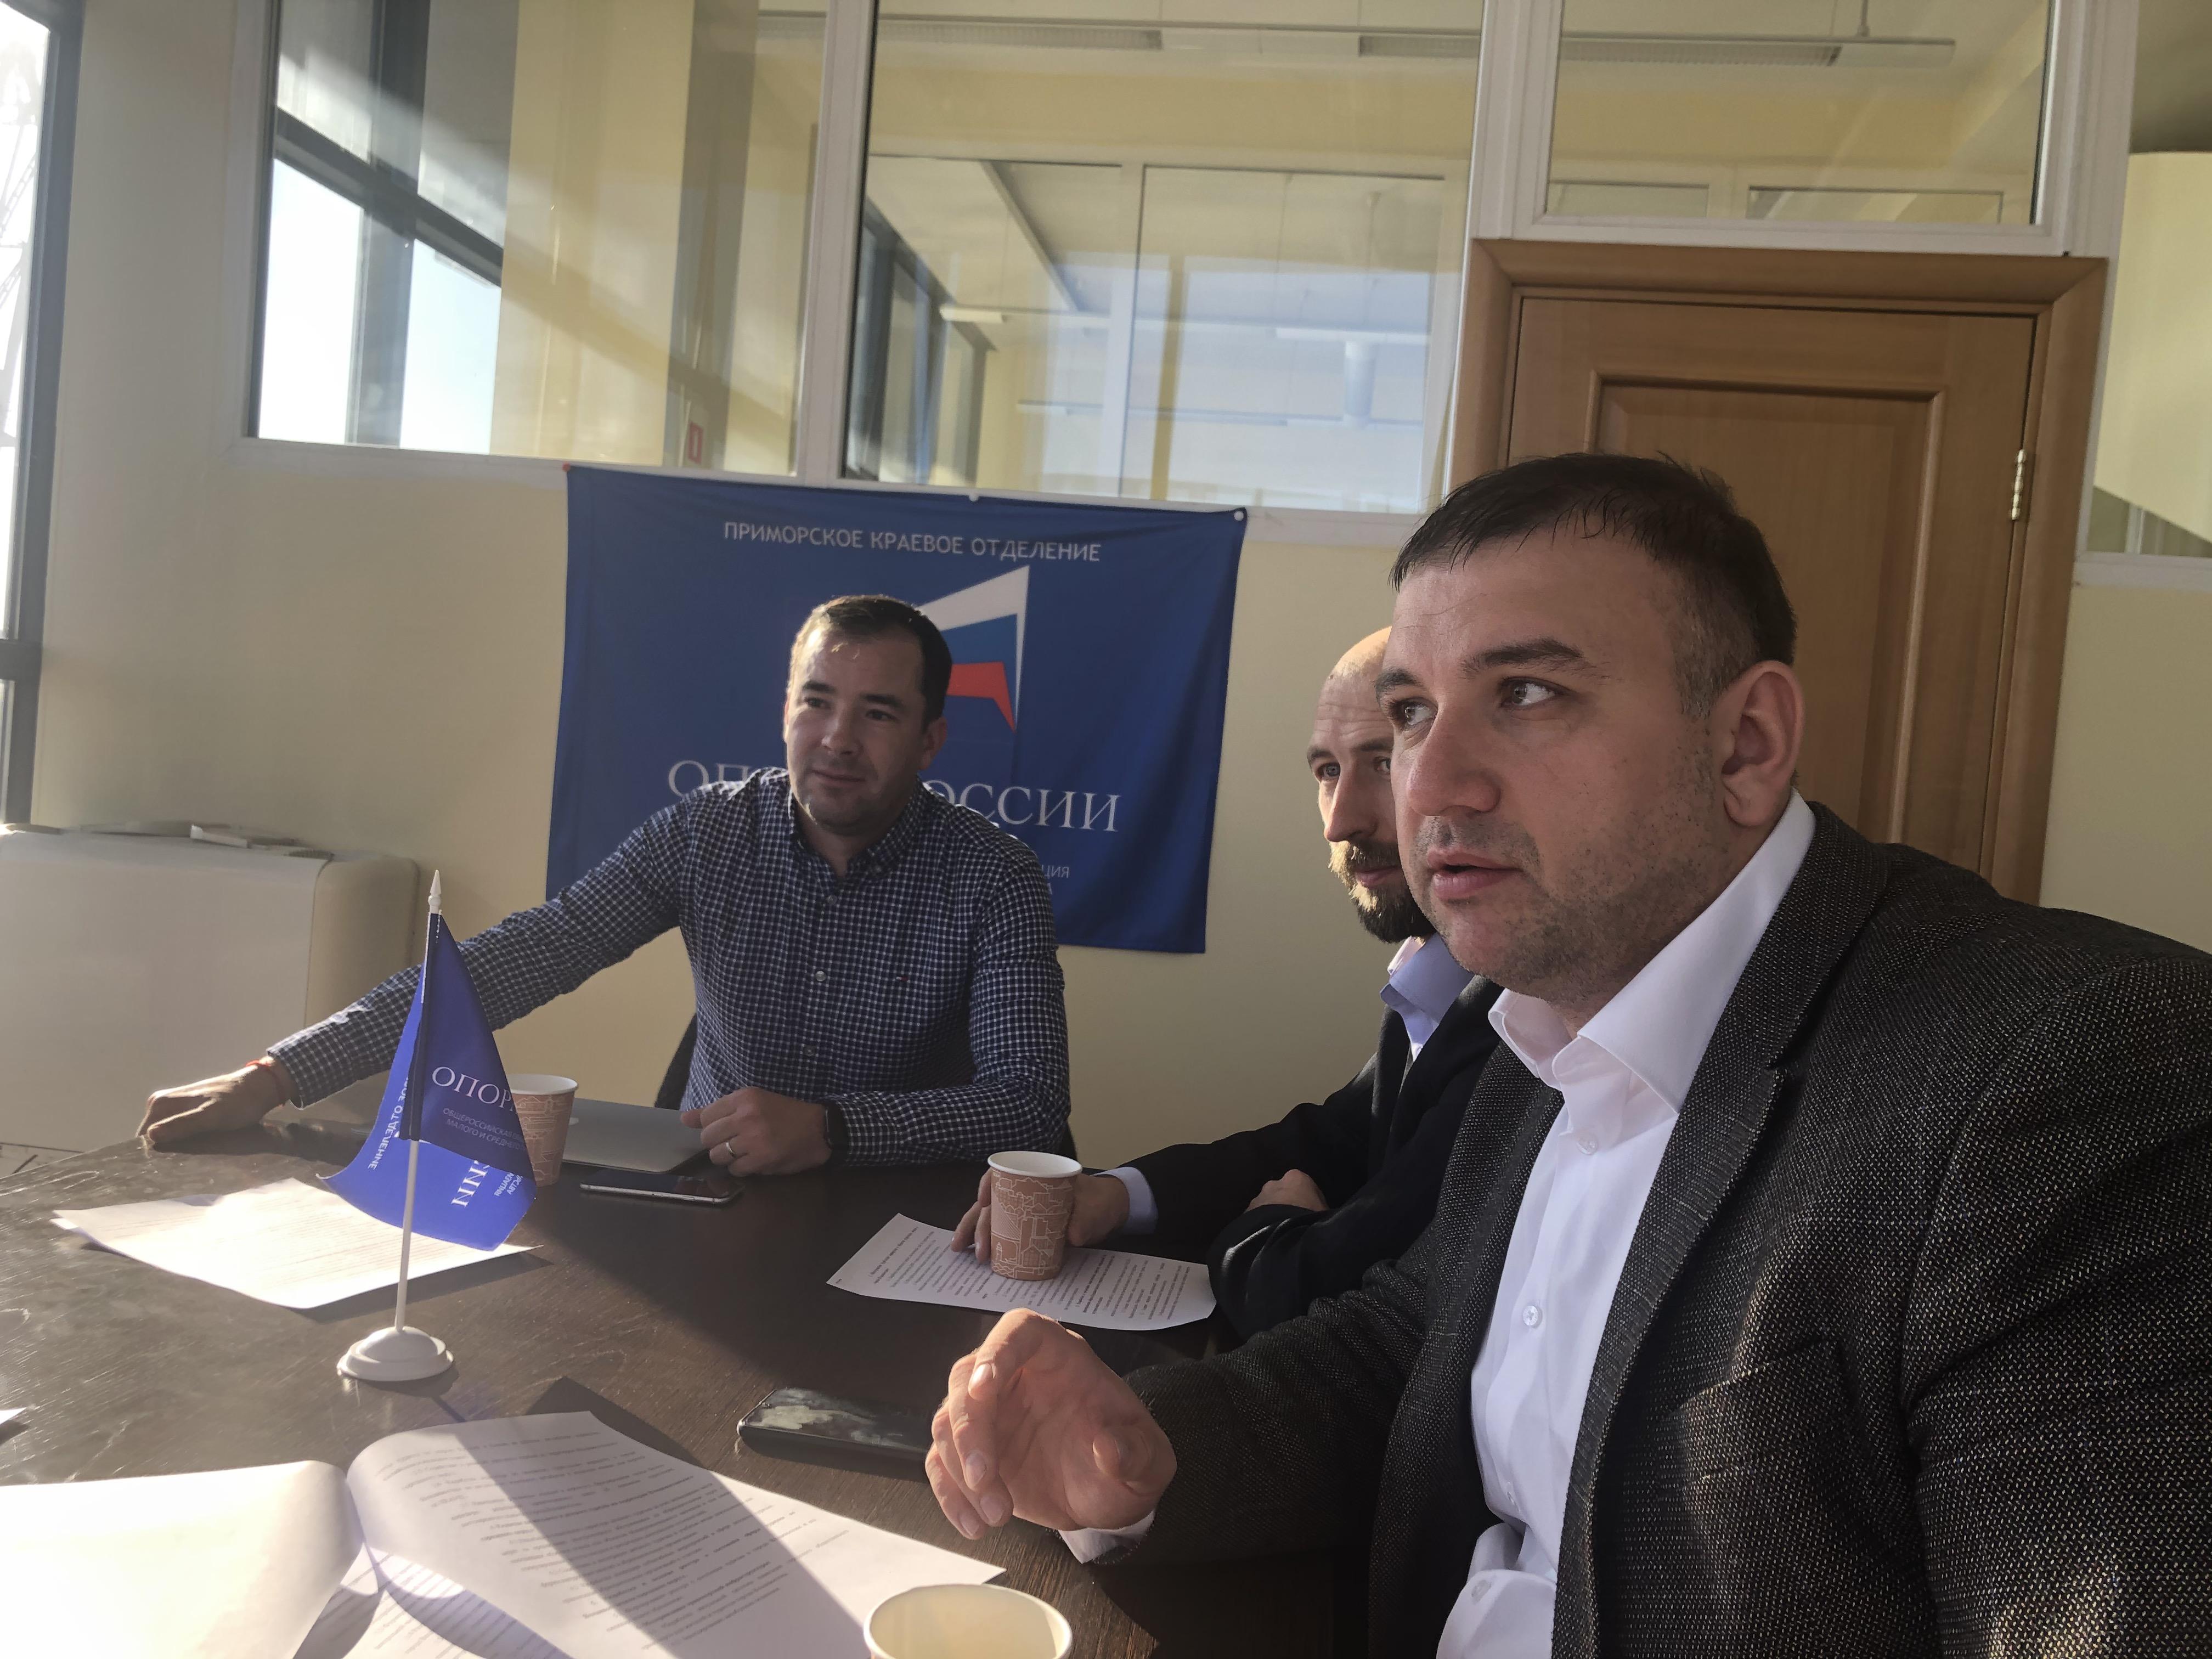 Состоялось очередное заседание комитета по развитию туризма Приморского краевого отделения «ОПОРЫ РОССИИ».